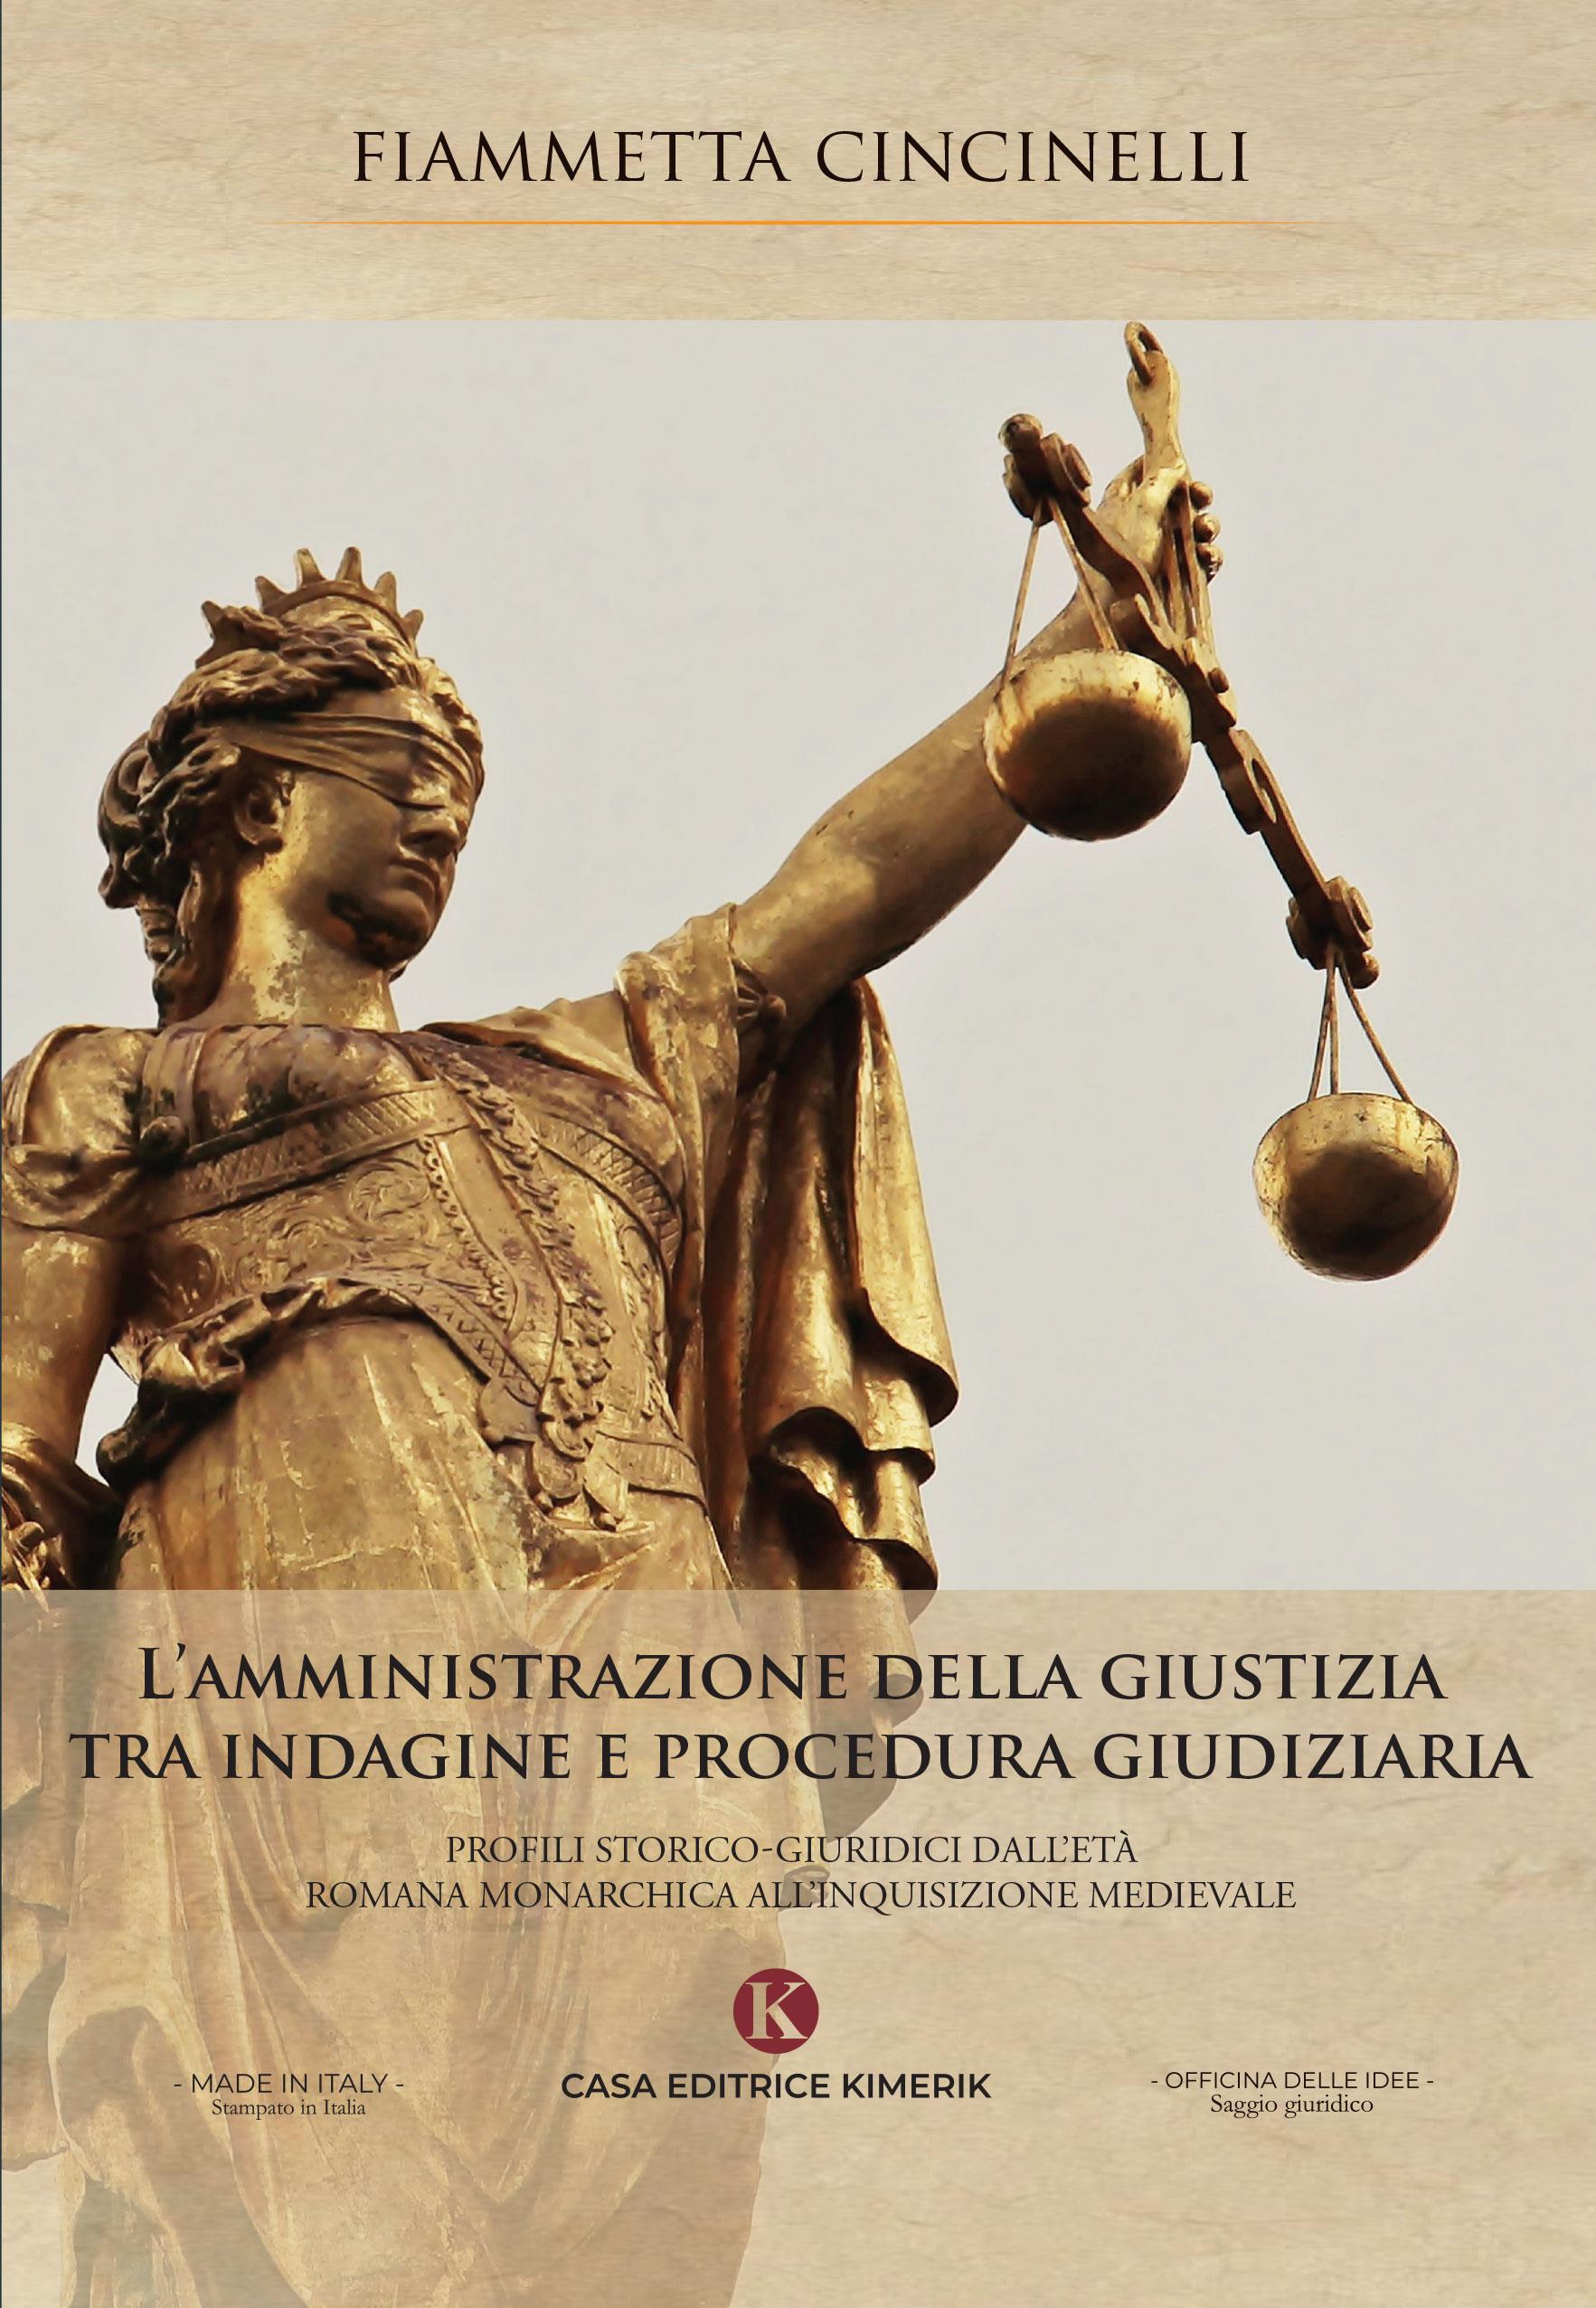 L'amministrazione della giustizia tra indagine e procedura giudiziaria